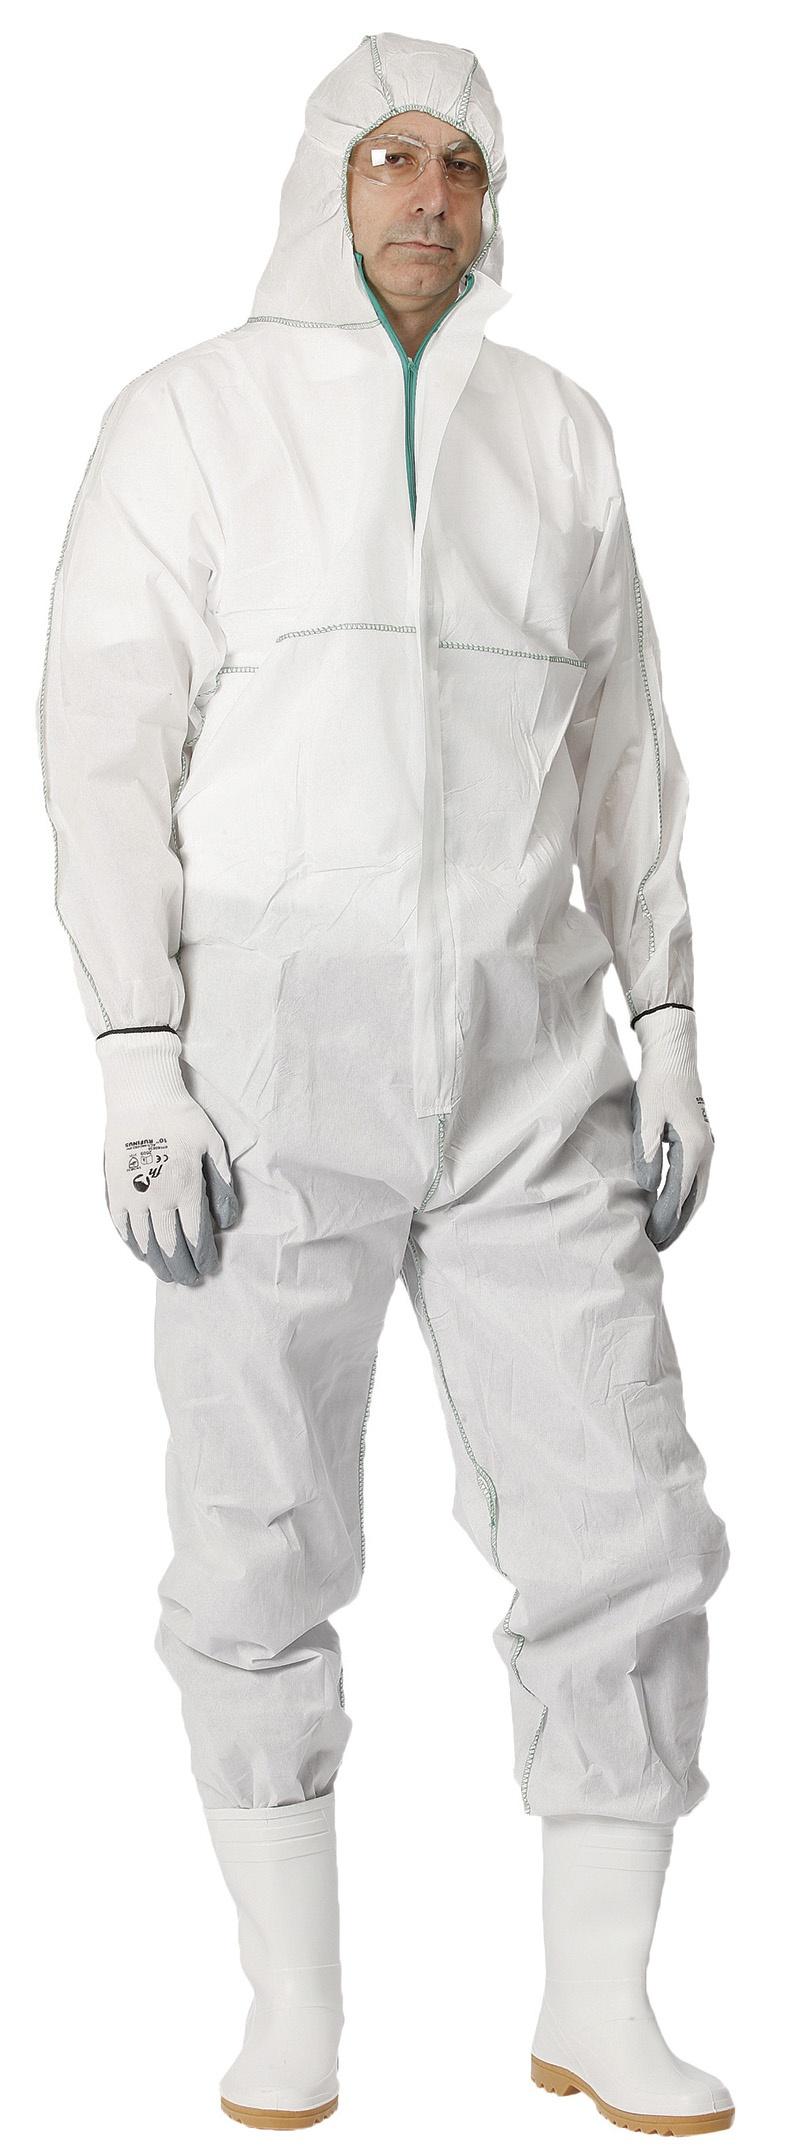 Kombinezon Chemsafe, z kapturem, rozm. XL, biały, Kombinezony, Ochrona indywidualna